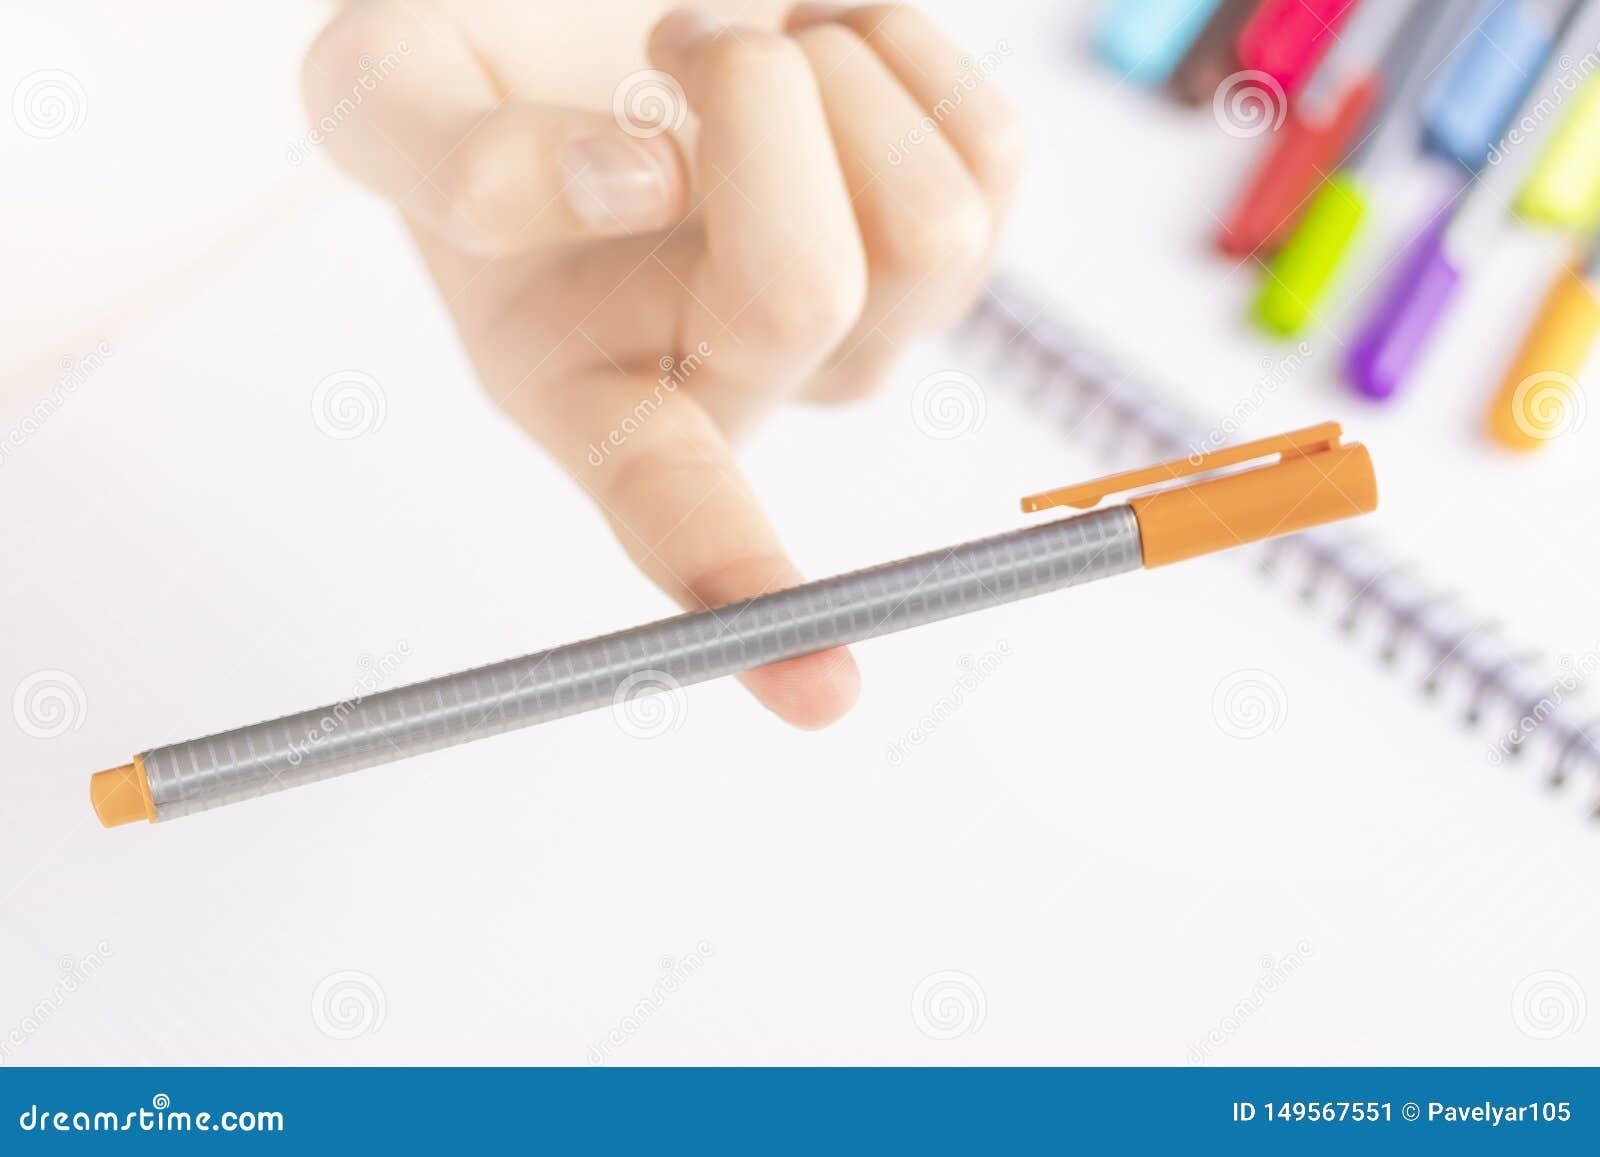 Caneta com ponta de feltro alaranjada no equilíbrio no dedo de uma criança